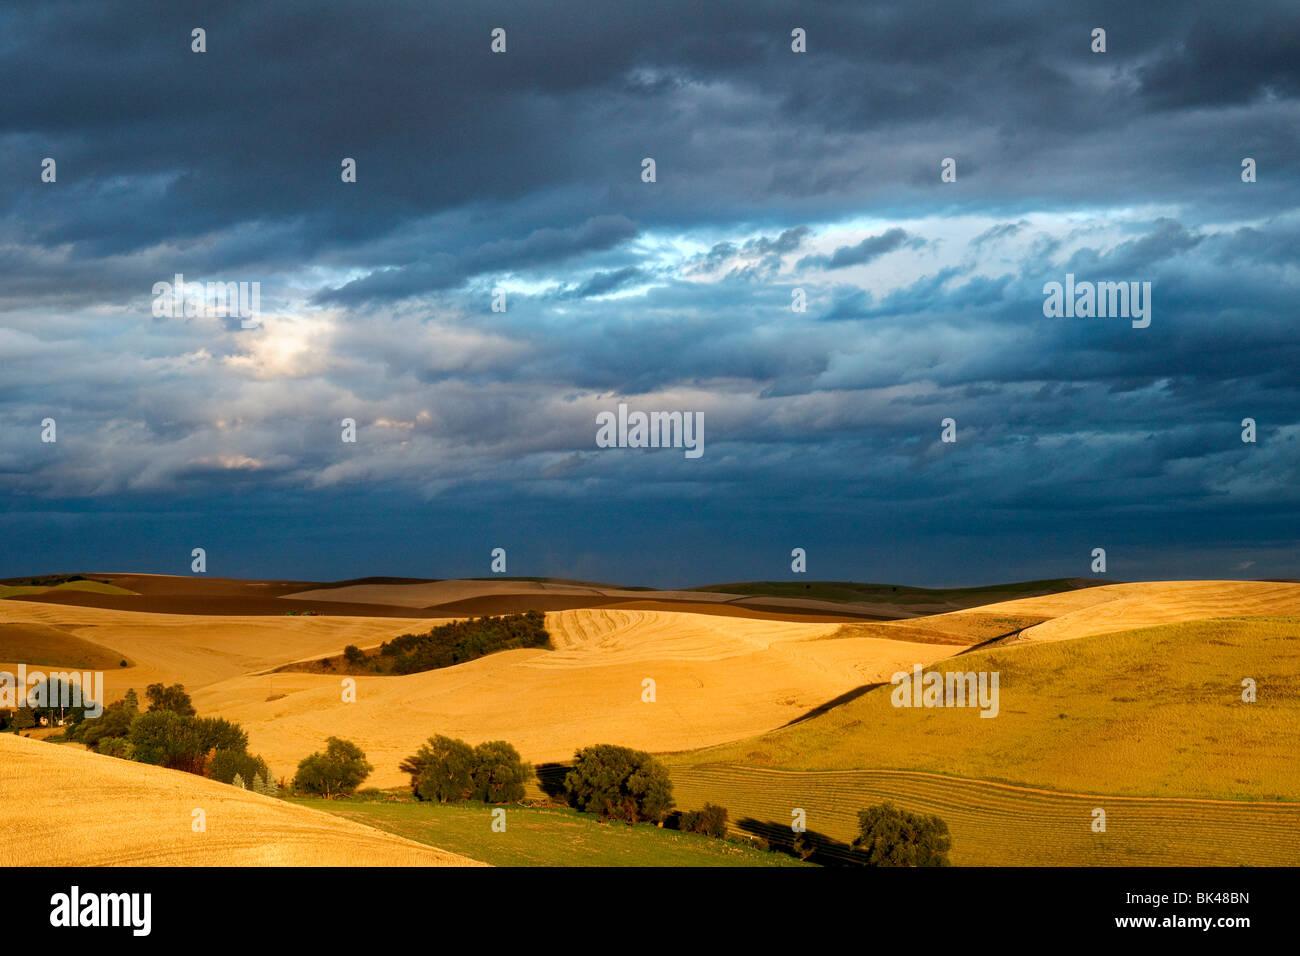 La luce del sole fa capolino tra le nuvole per illuminare il grano maturo campi nella regione di Palouse di Washington Immagini Stock